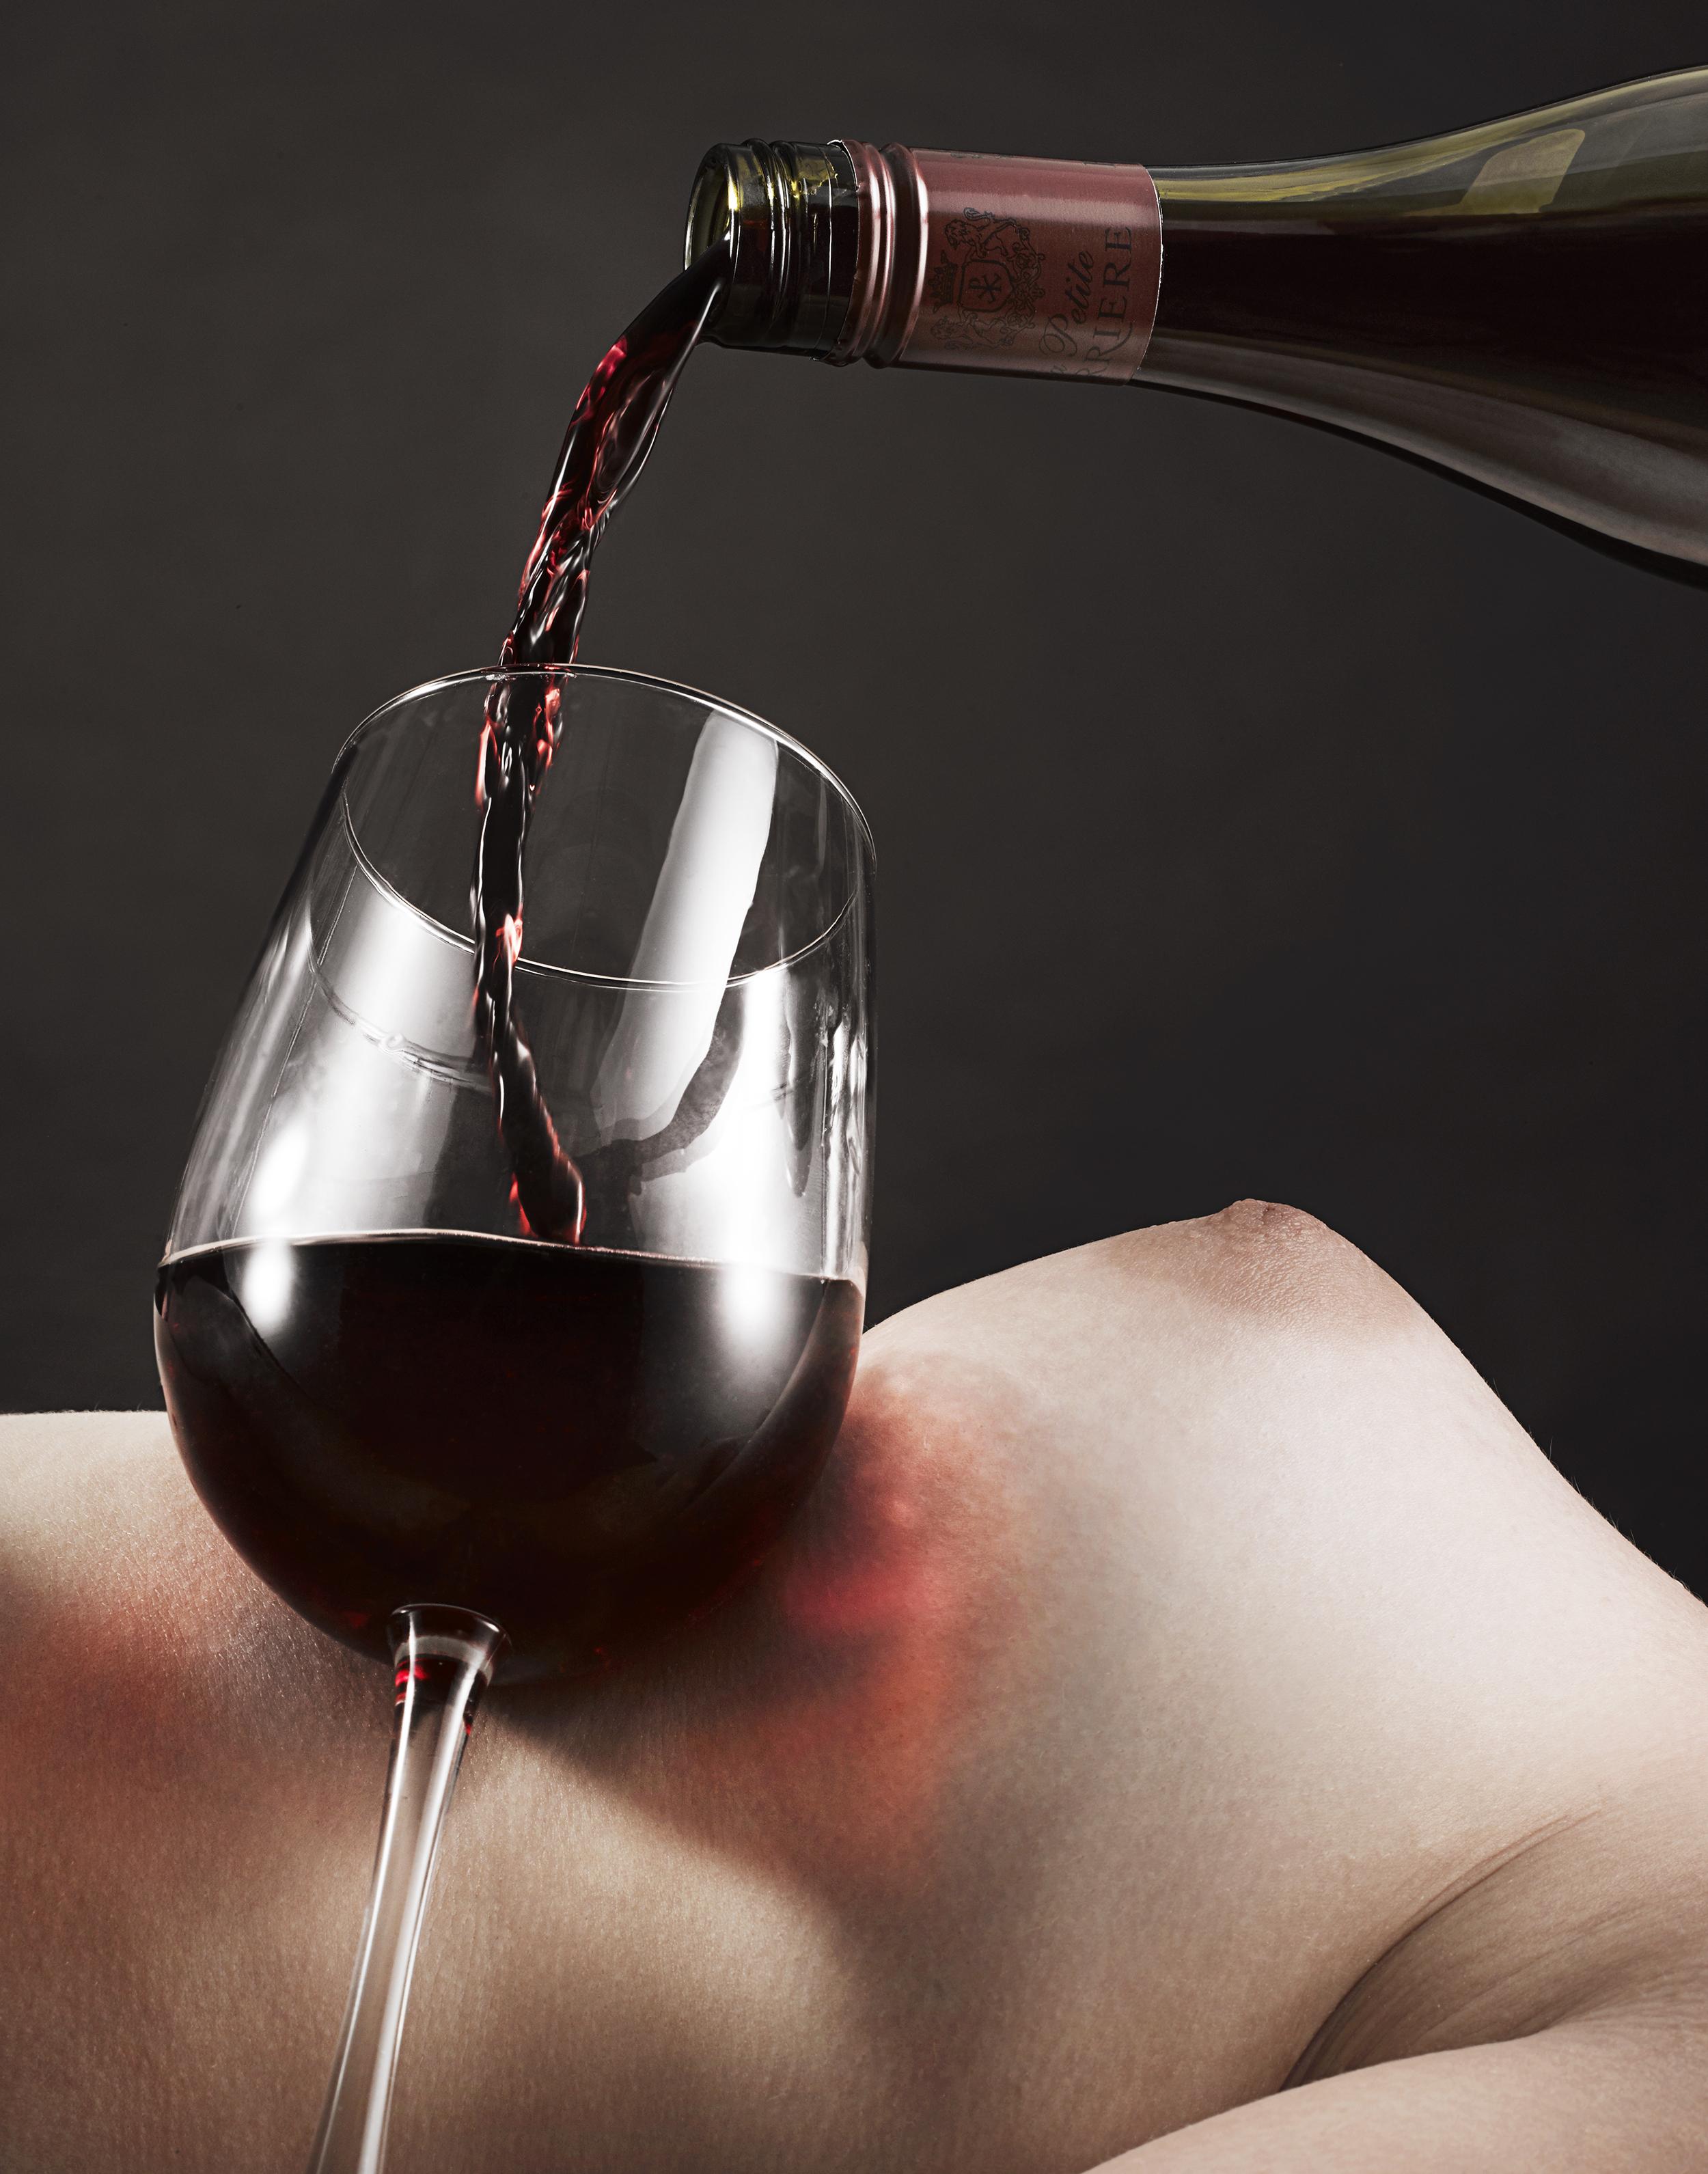 Nude_Wine_FFS_4.jpg